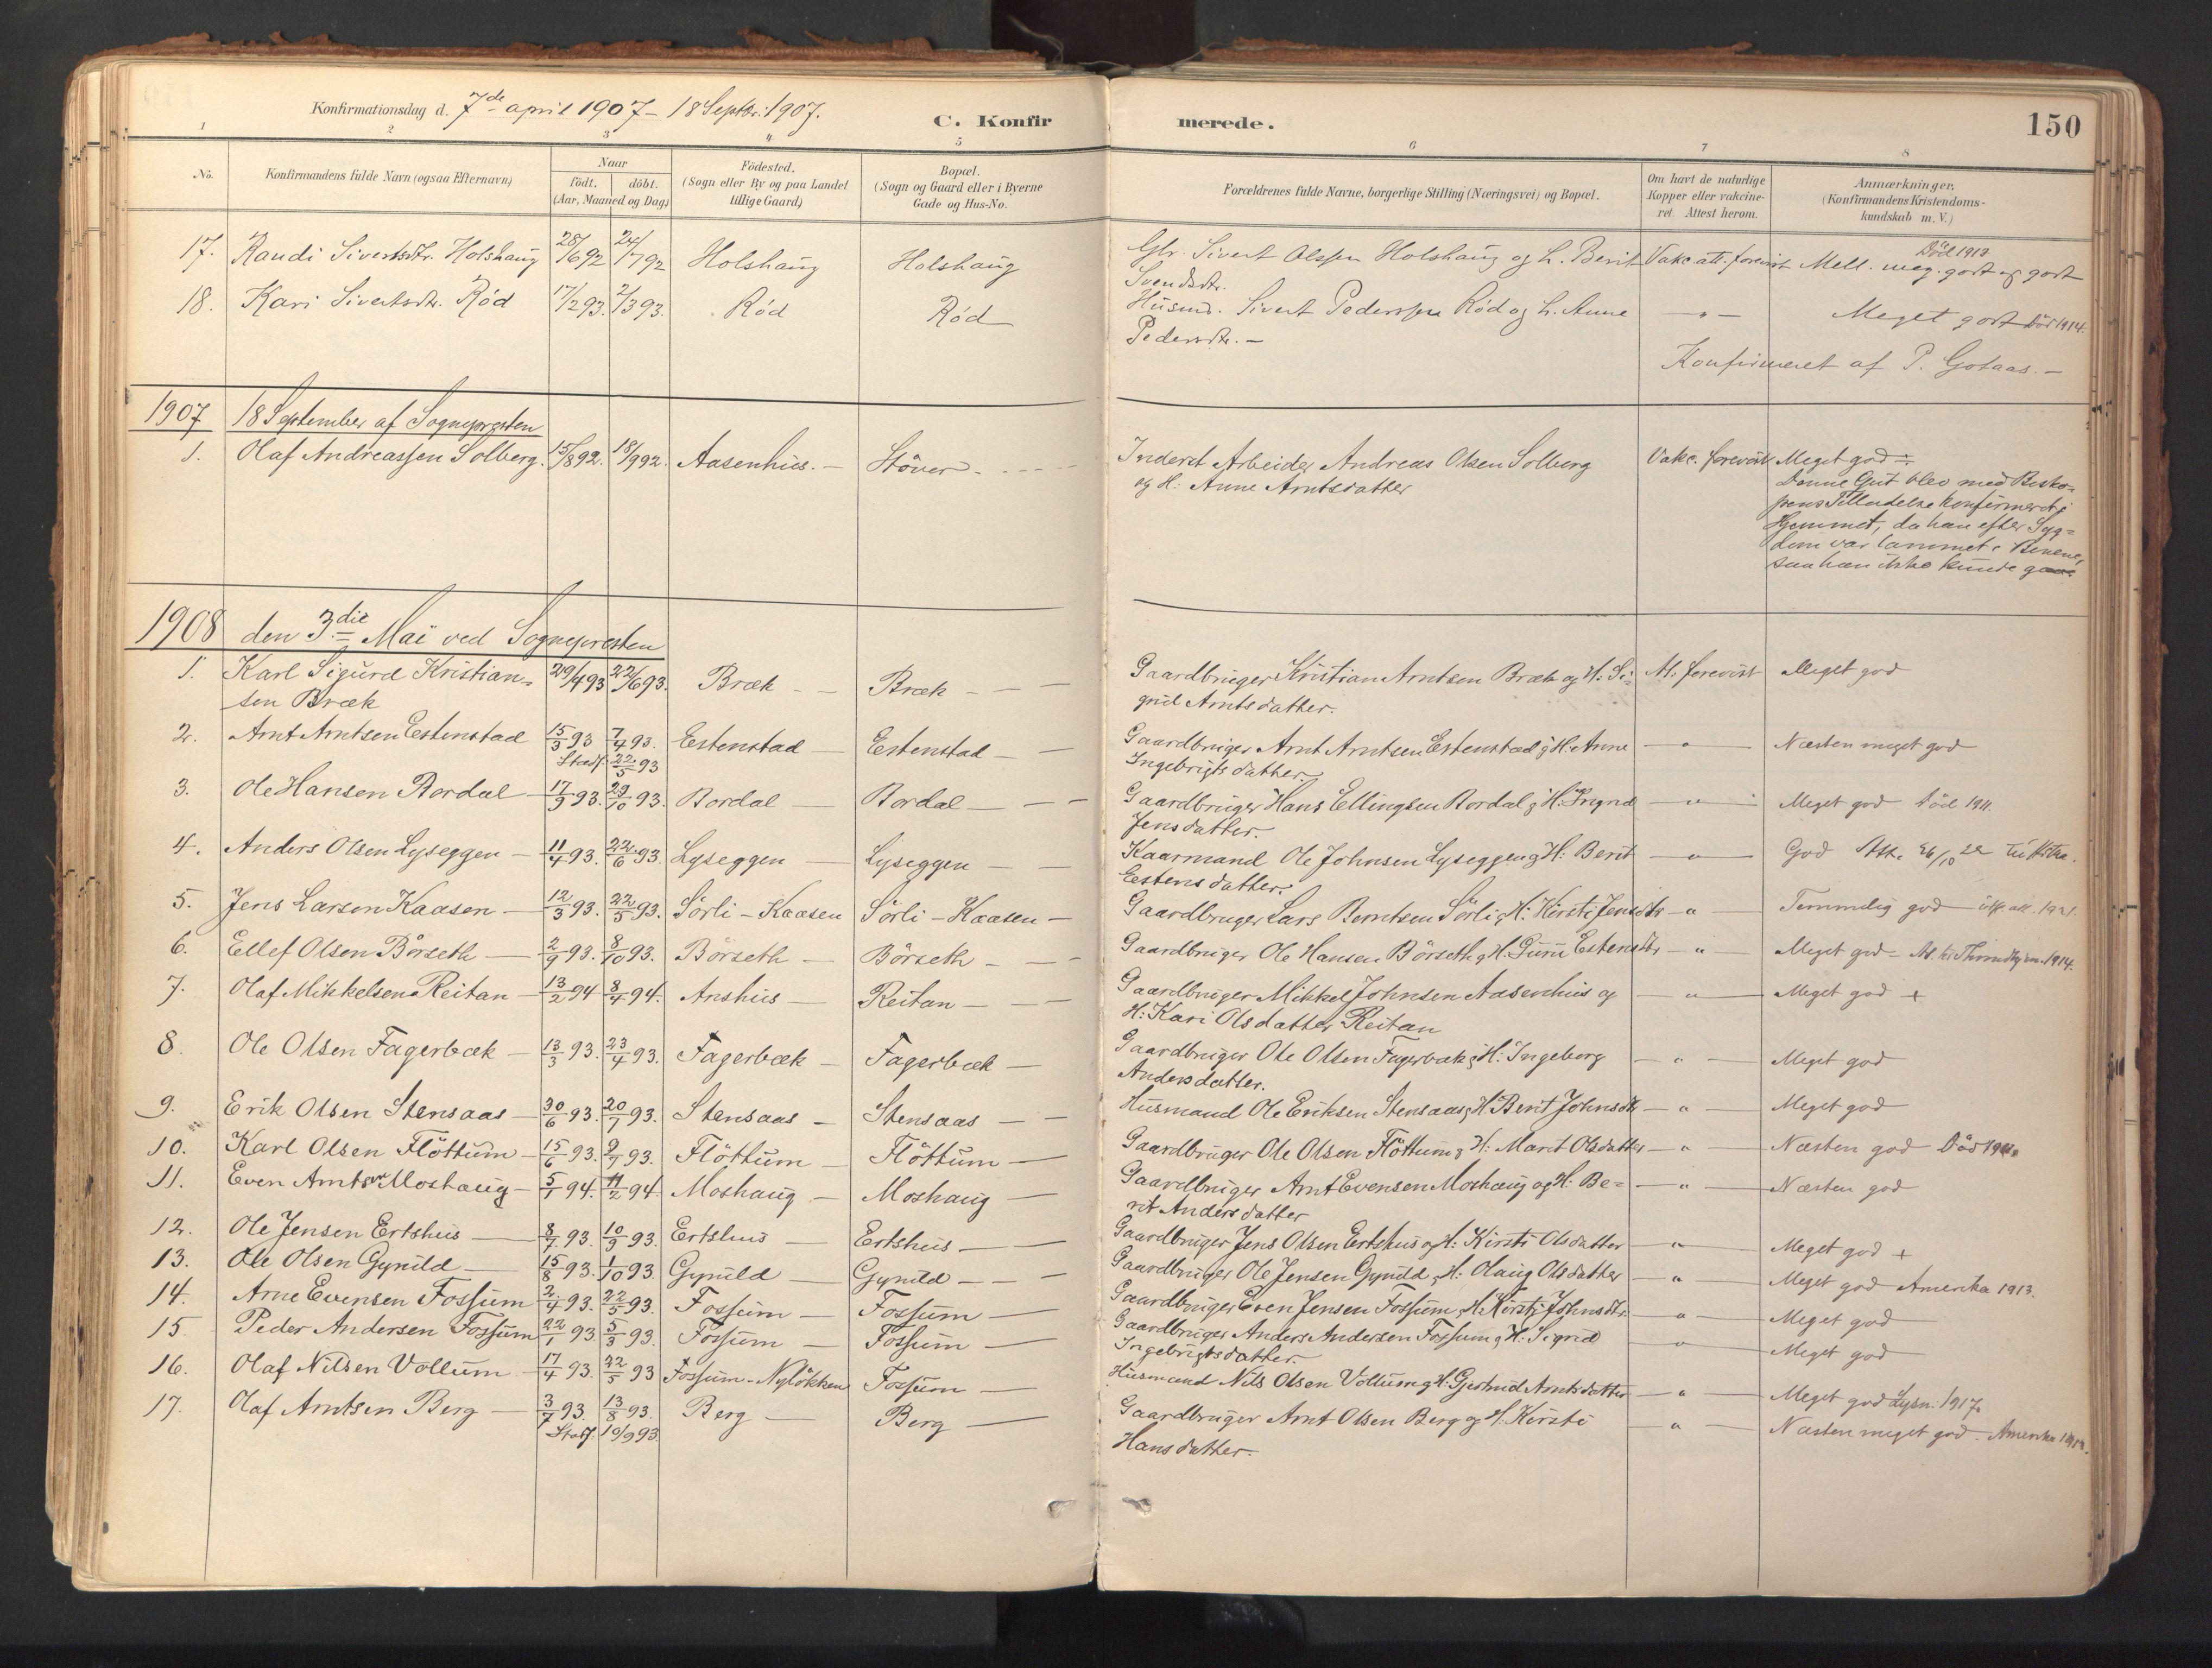 SAT, Ministerialprotokoller, klokkerbøker og fødselsregistre - Sør-Trøndelag, 689/L1041: Ministerialbok nr. 689A06, 1891-1923, s. 150